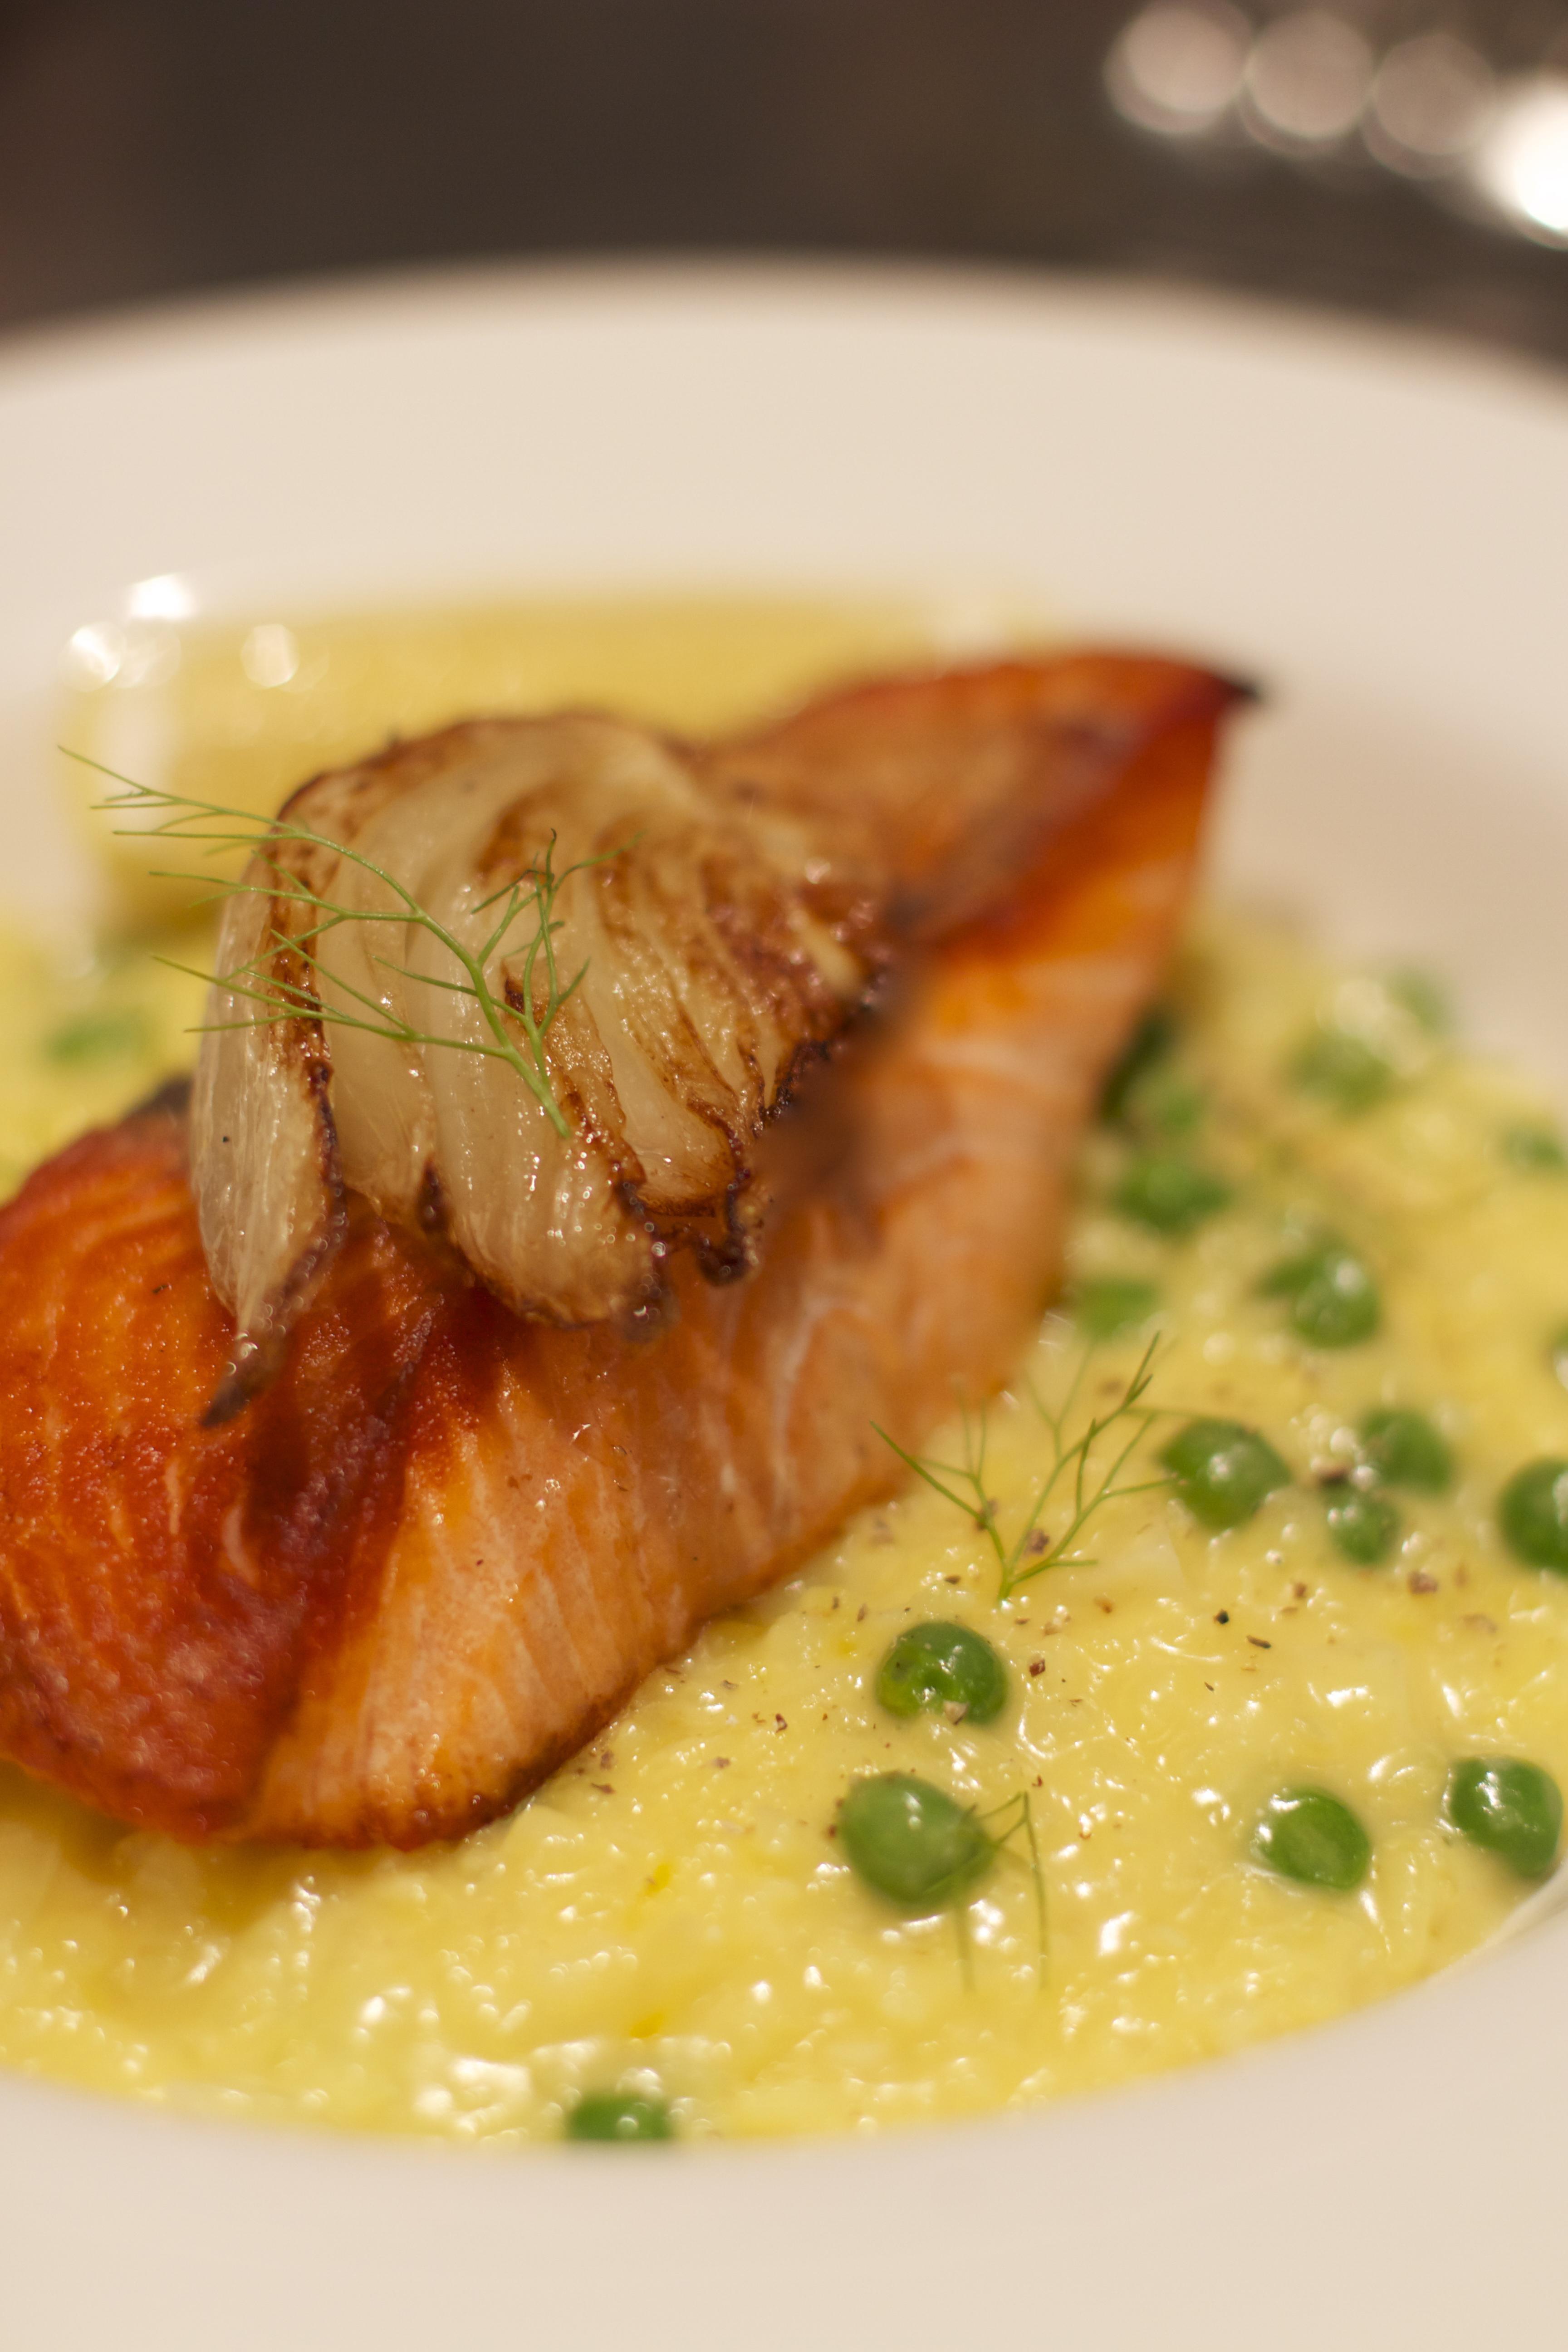 Crispy Skin Salmon Fennel Saffron And Green Pea Risotto